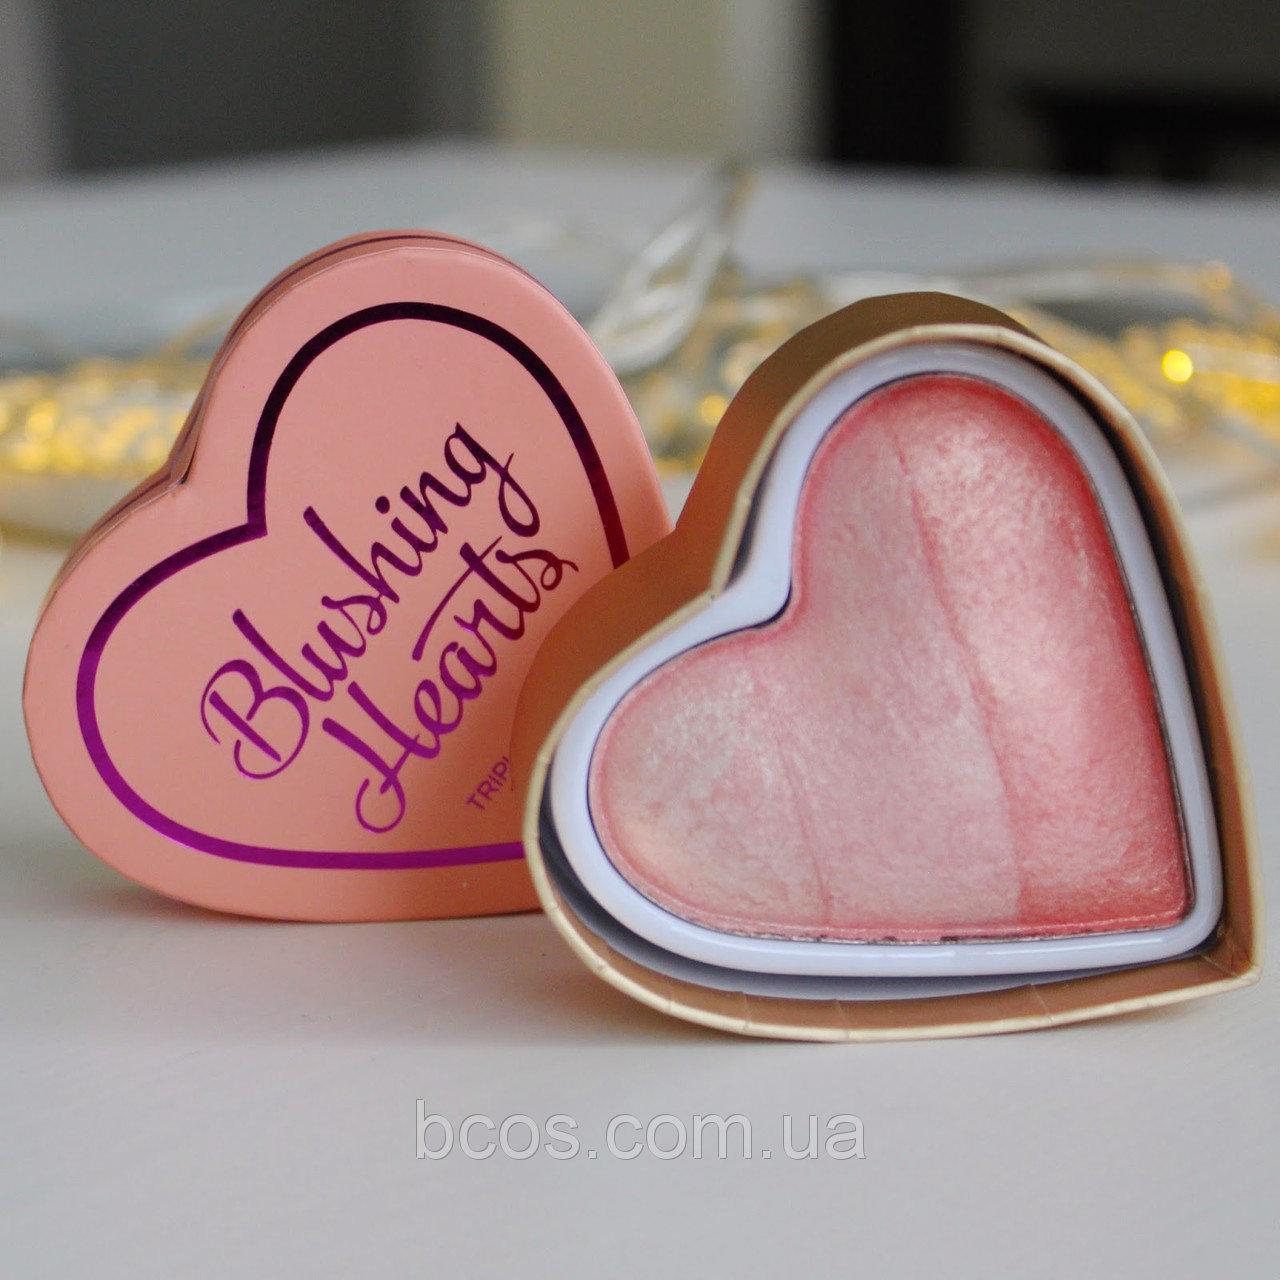 Румяна для лица Makeup Revolution Peachy Pink Kisses